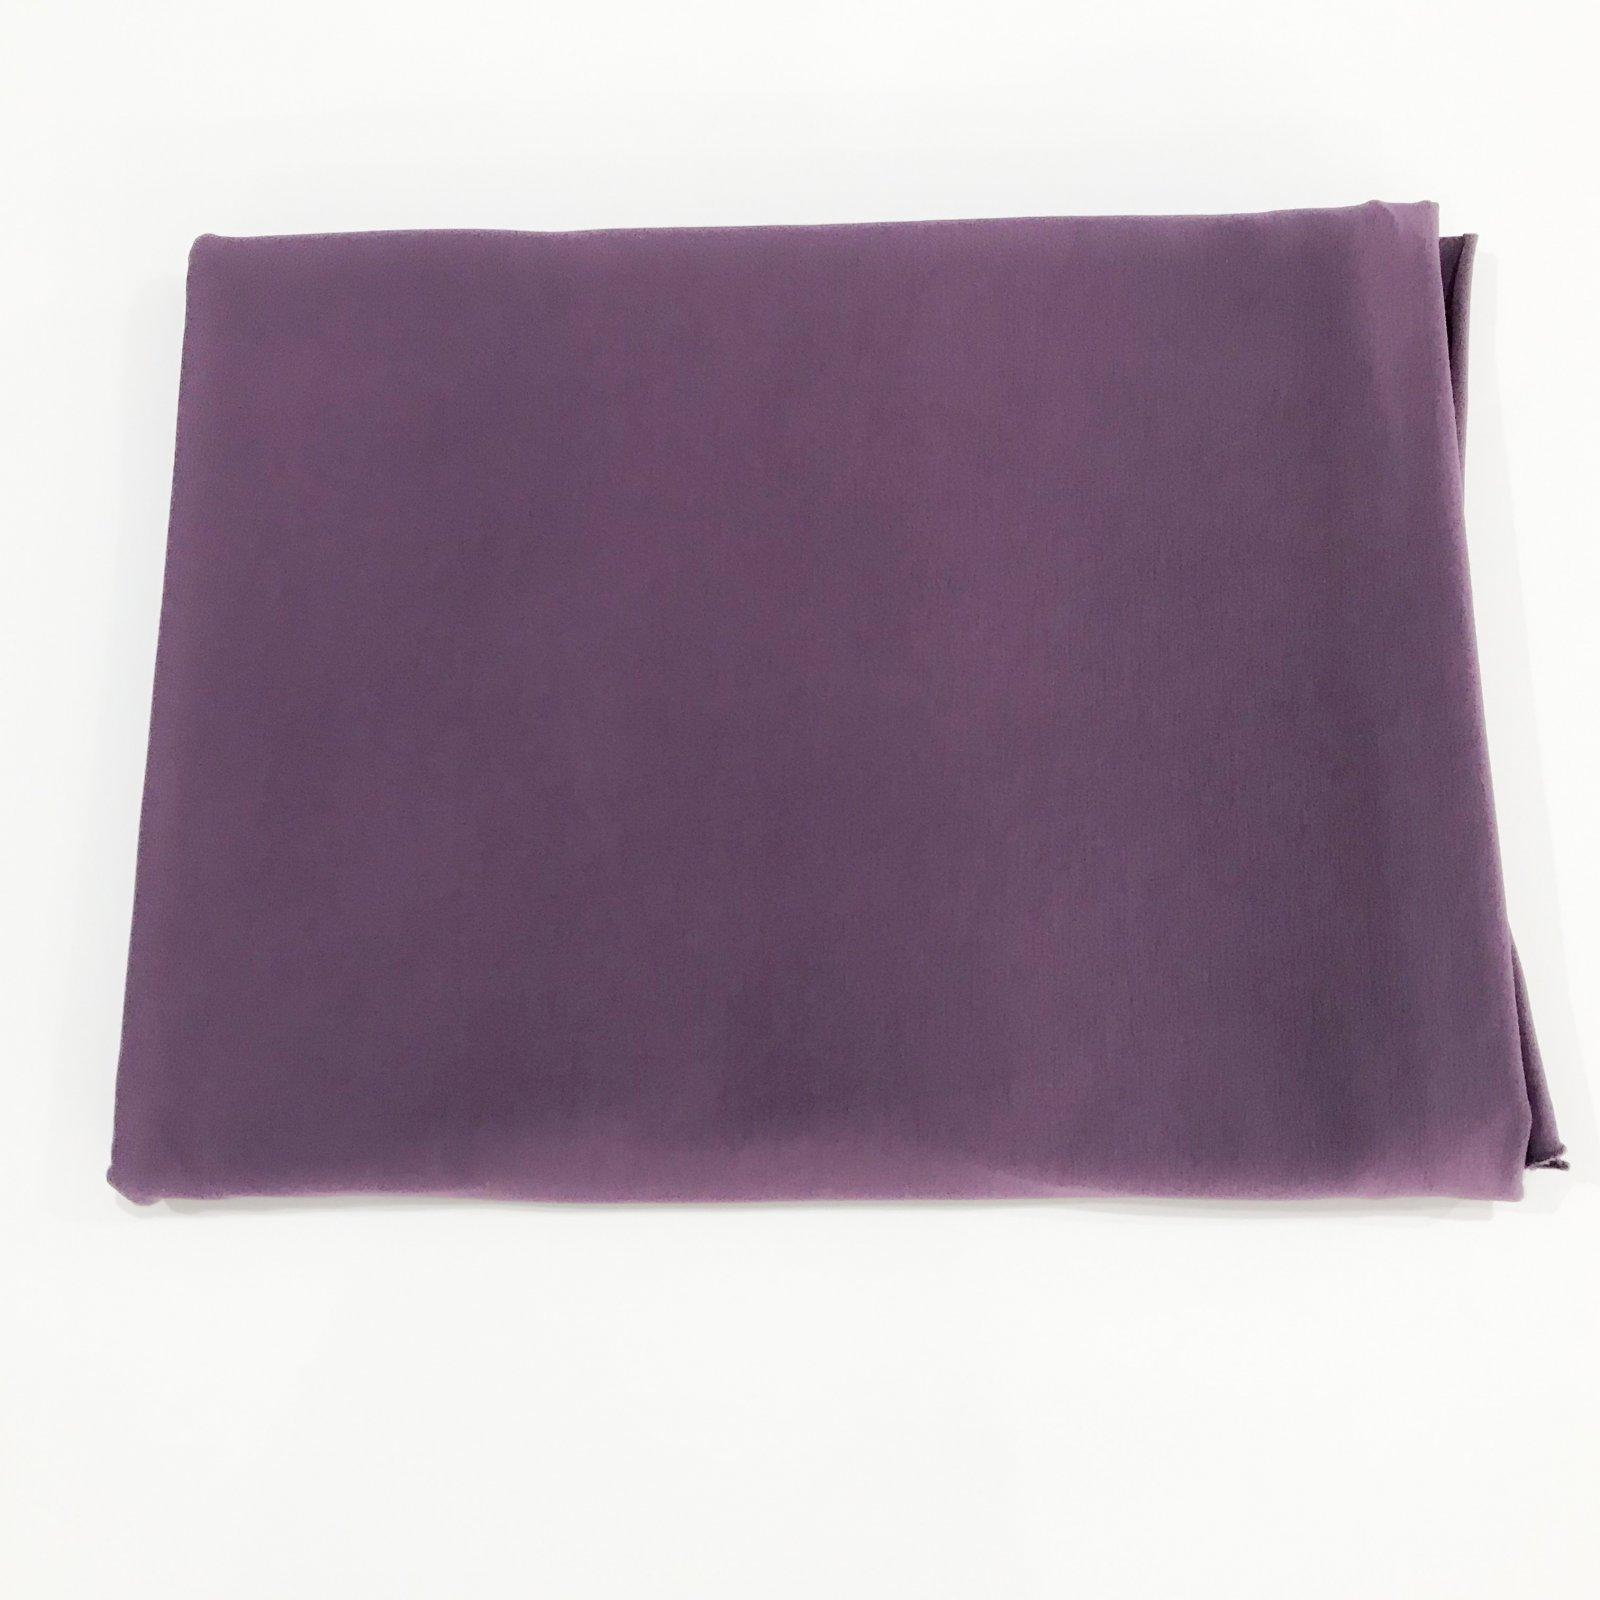 1 1/2 yard - Bamboo Knit Jersey - Purple